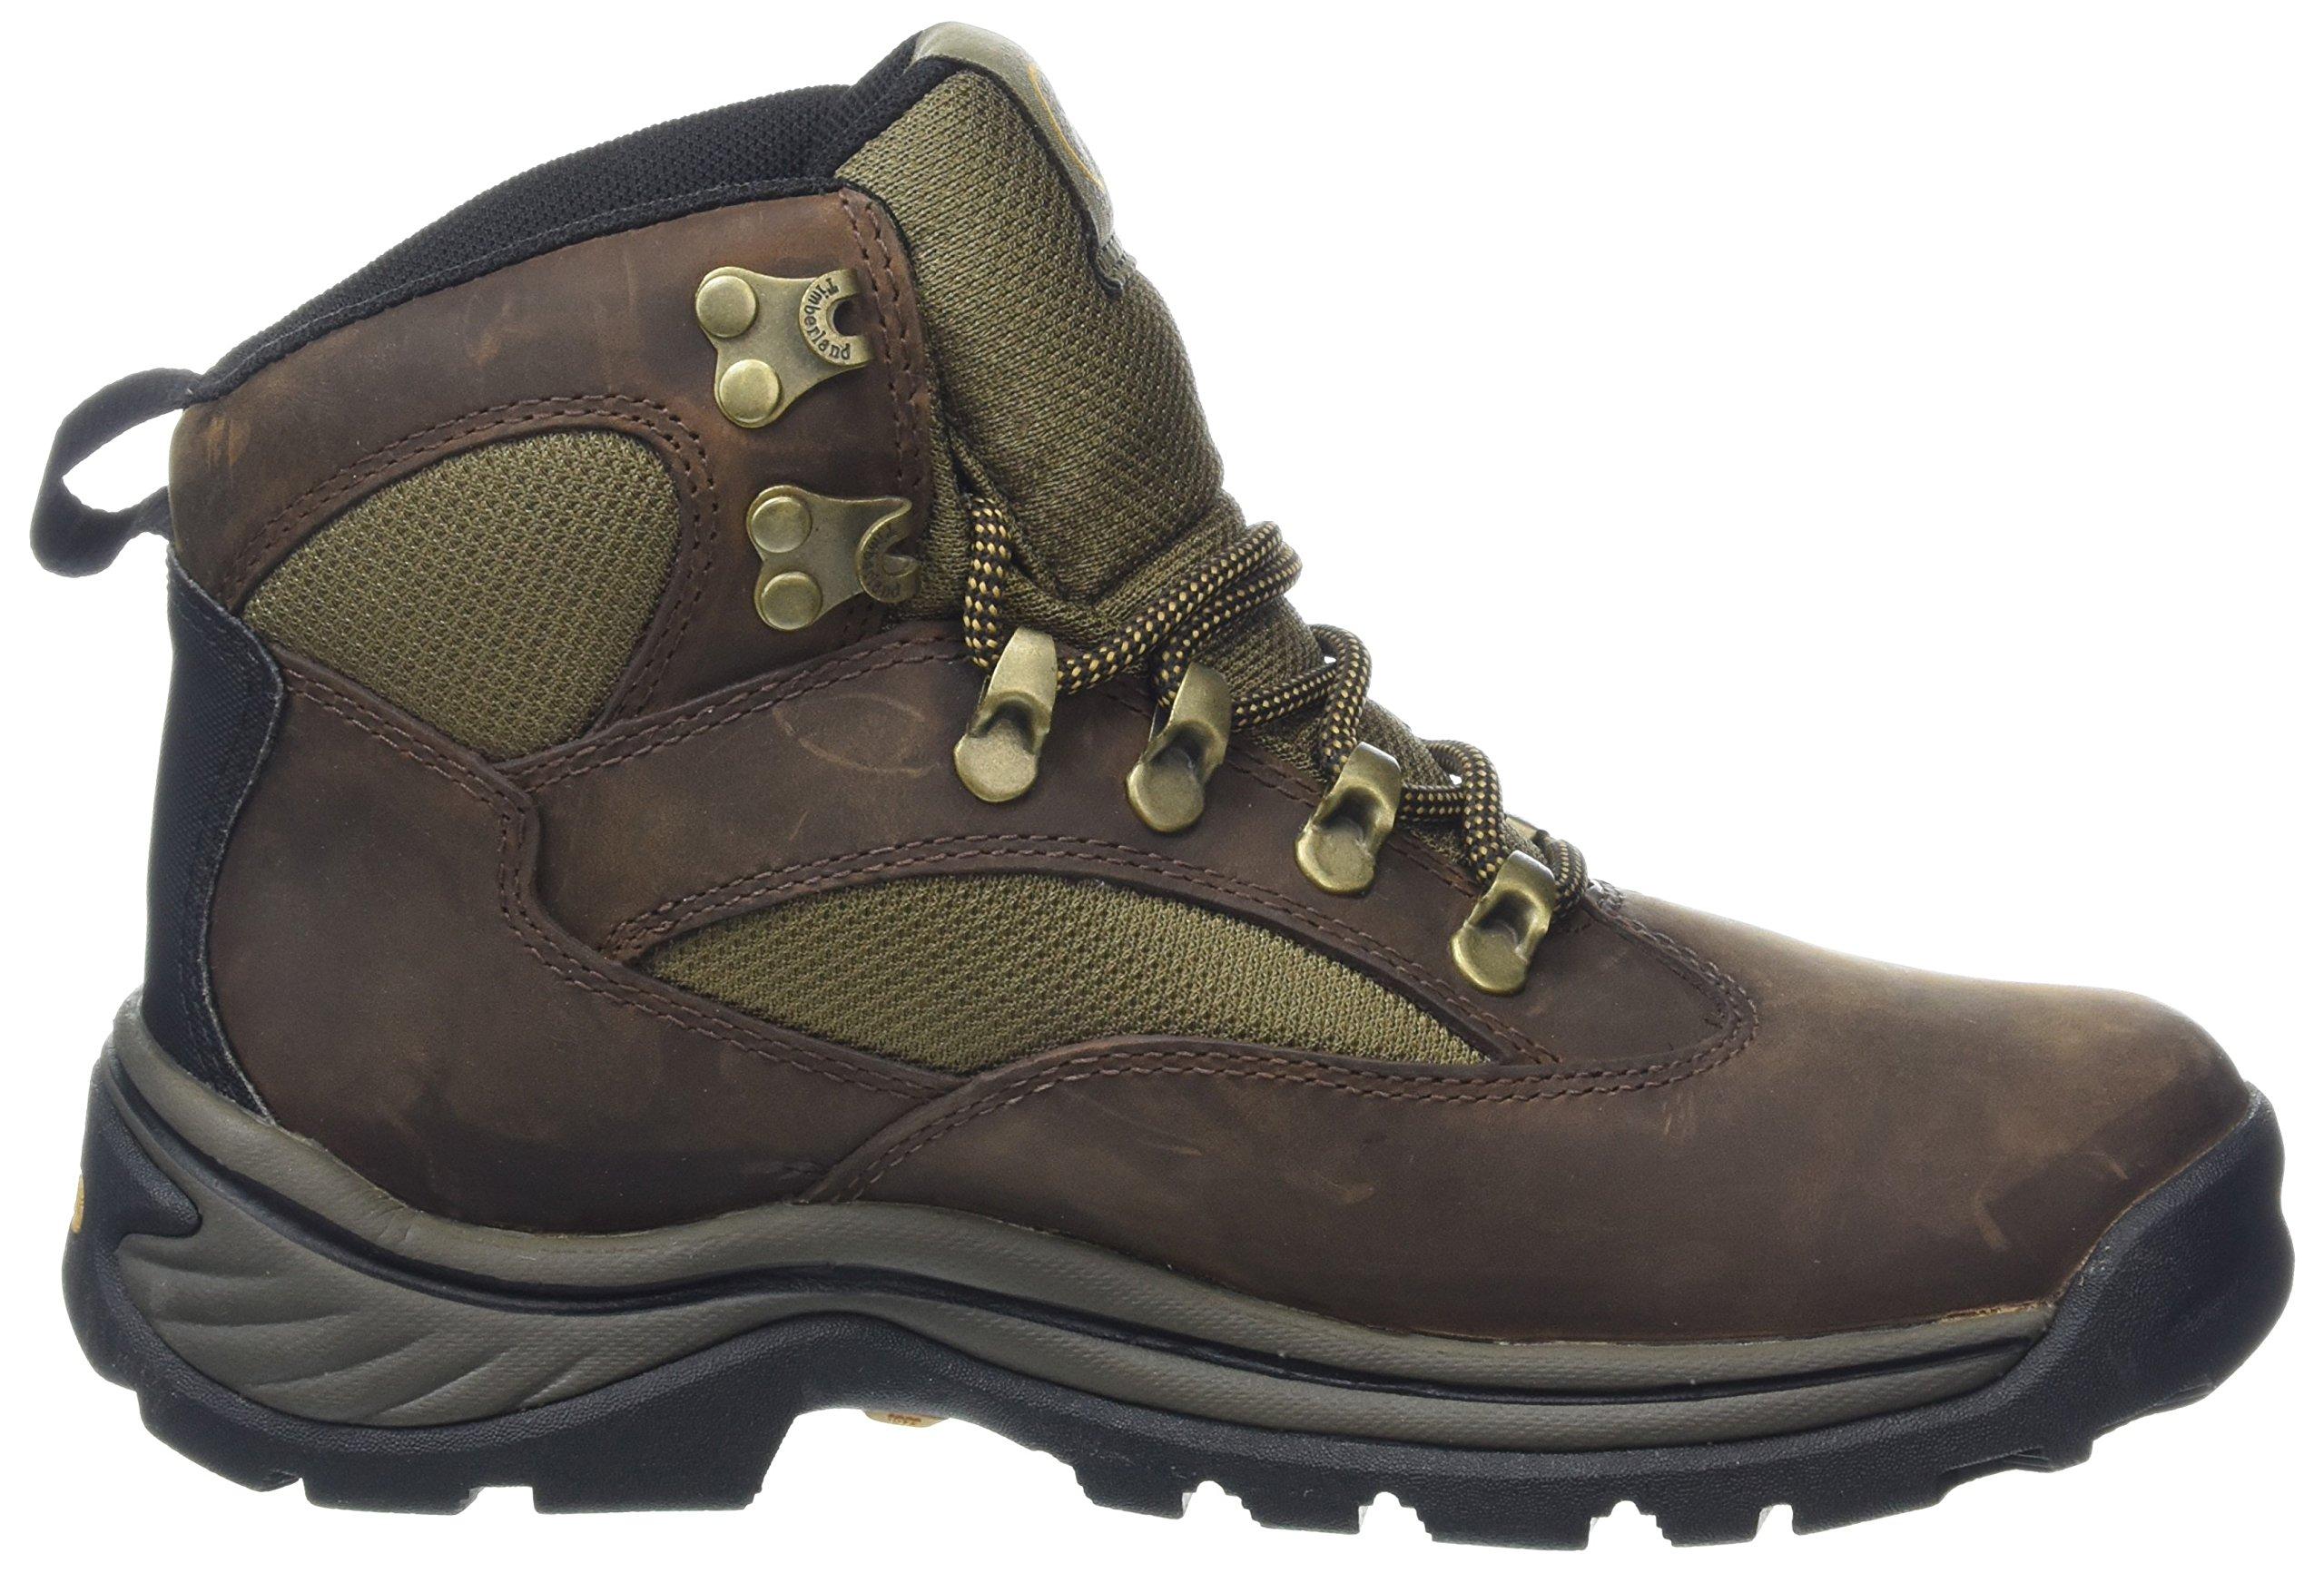 Timberland Women's Chocorua Trail Boot,Brown,8 M by Timberland (Image #6)